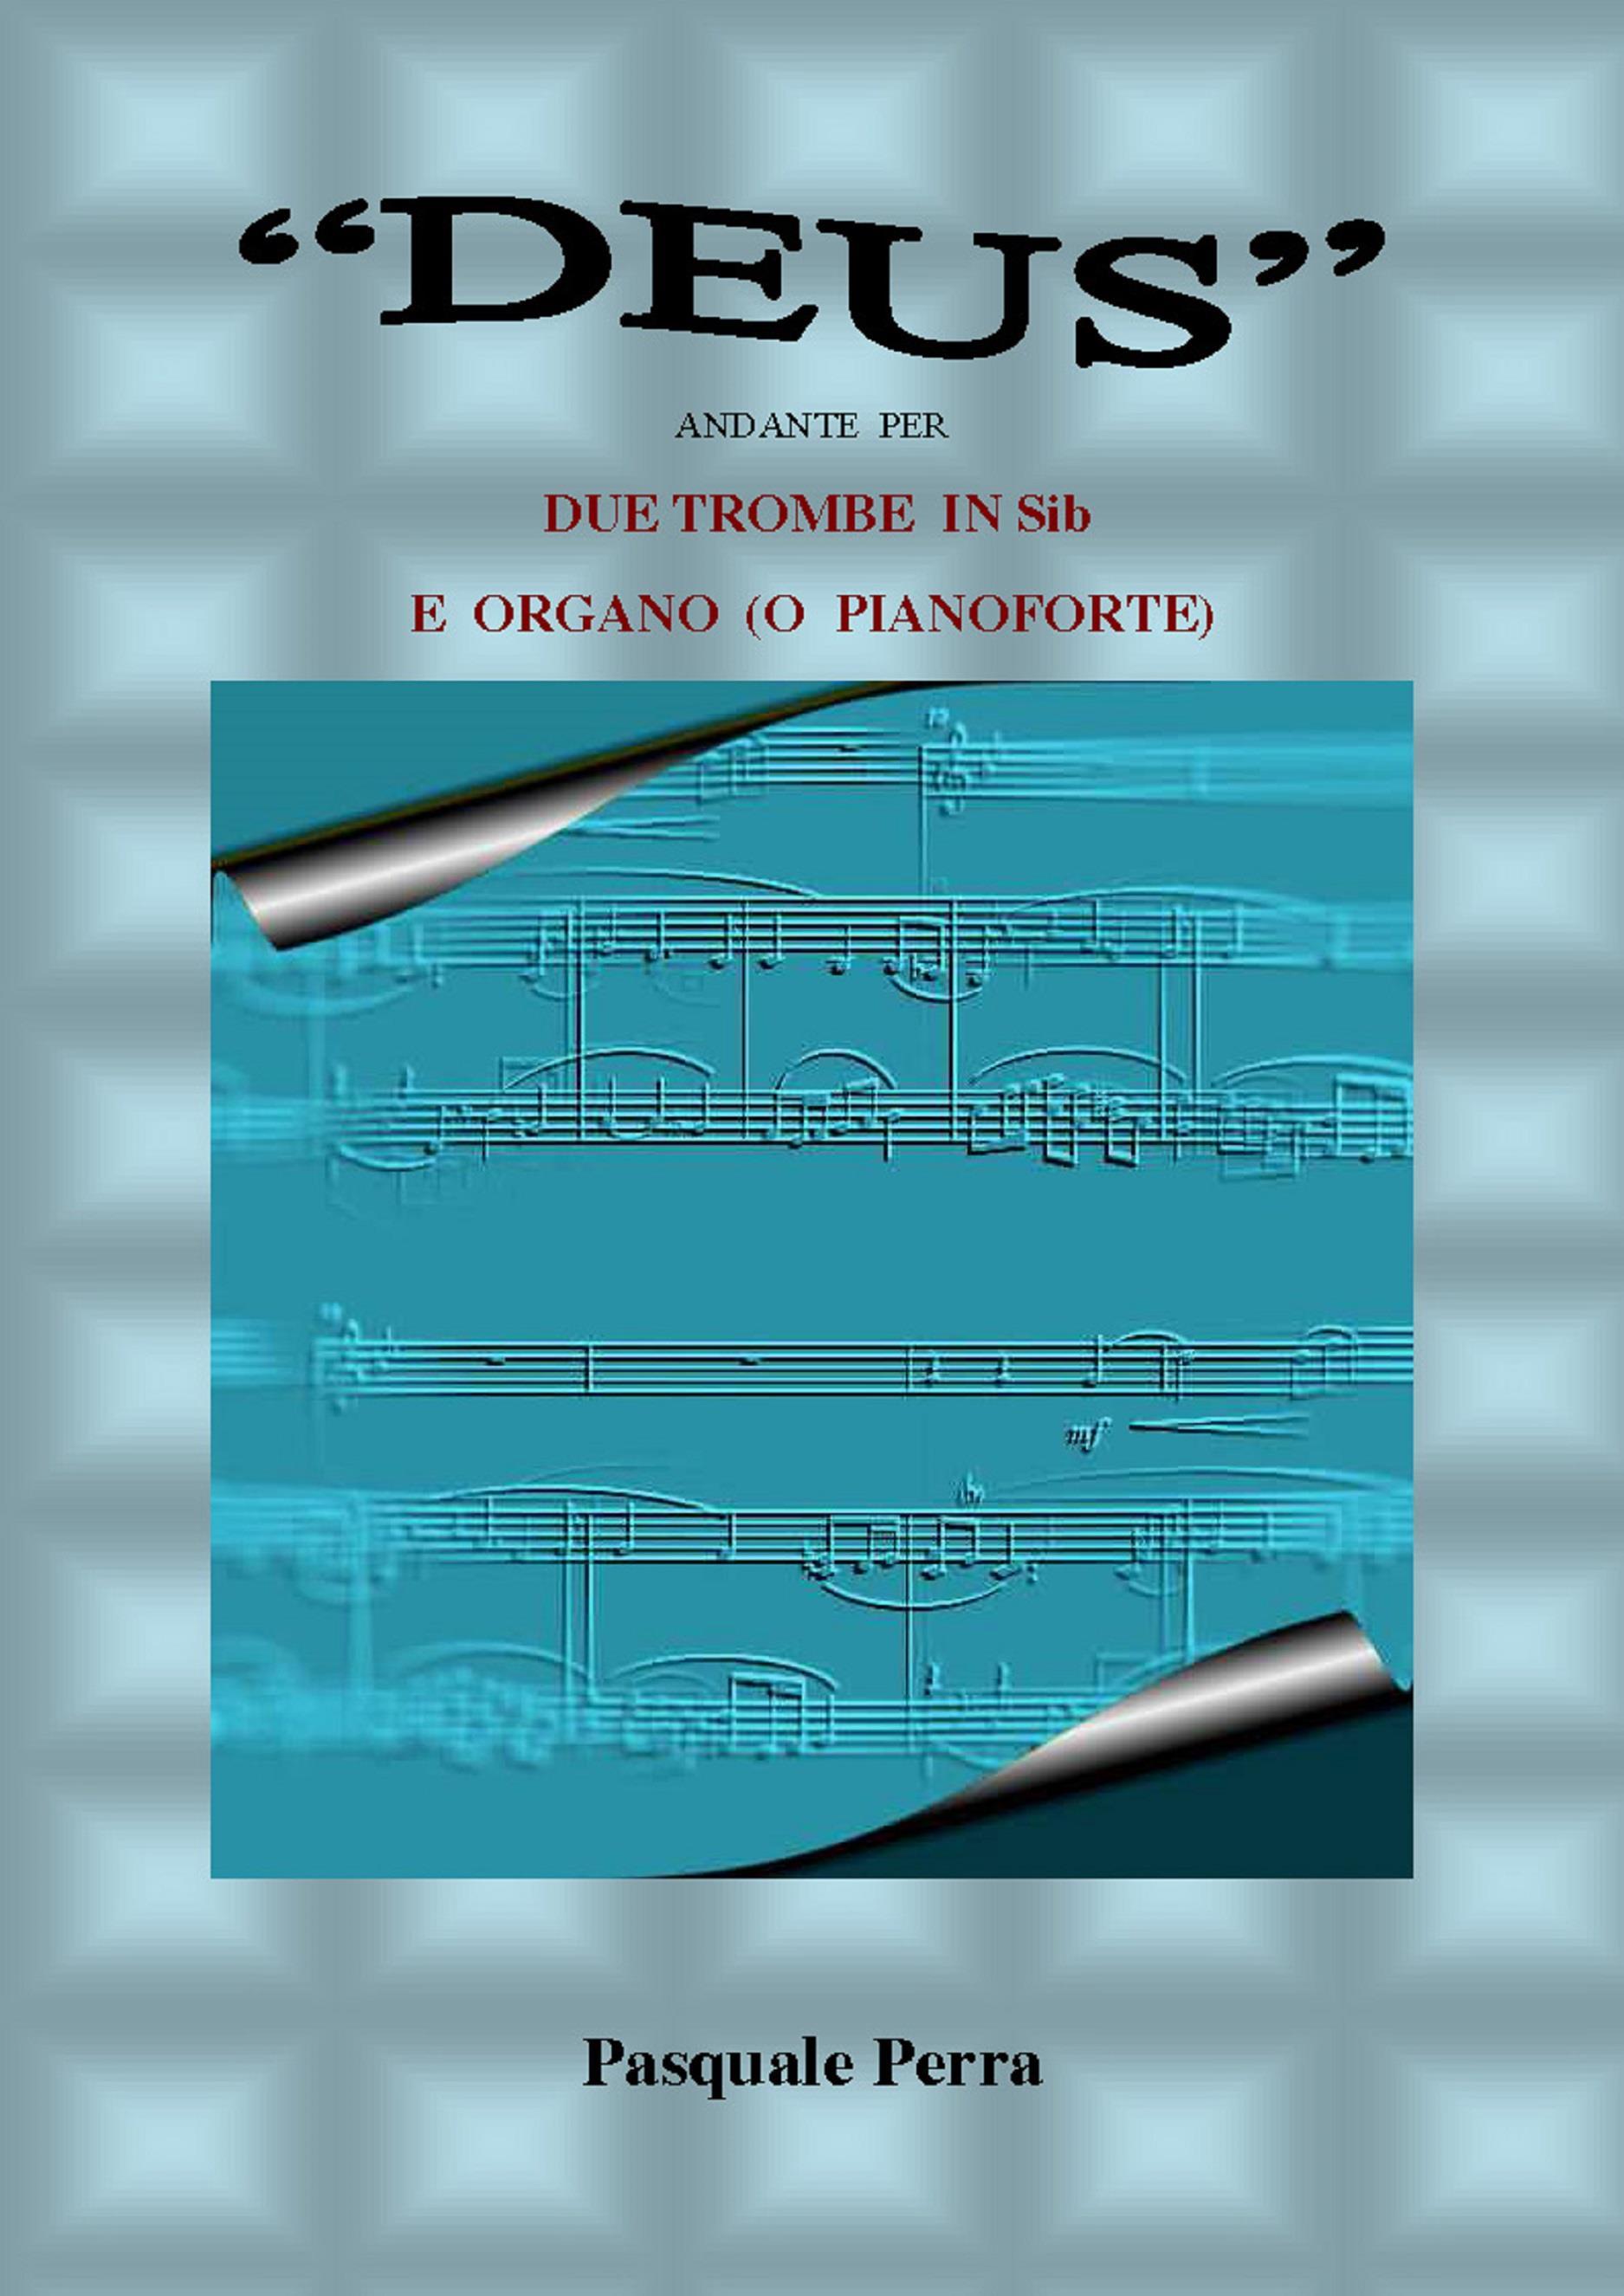 """""""Deus"""" andante per due trombe in sib e organo o pianoforte (spartito per tromba  in sib  1^ e 2^ e per organo o pianoforte)."""